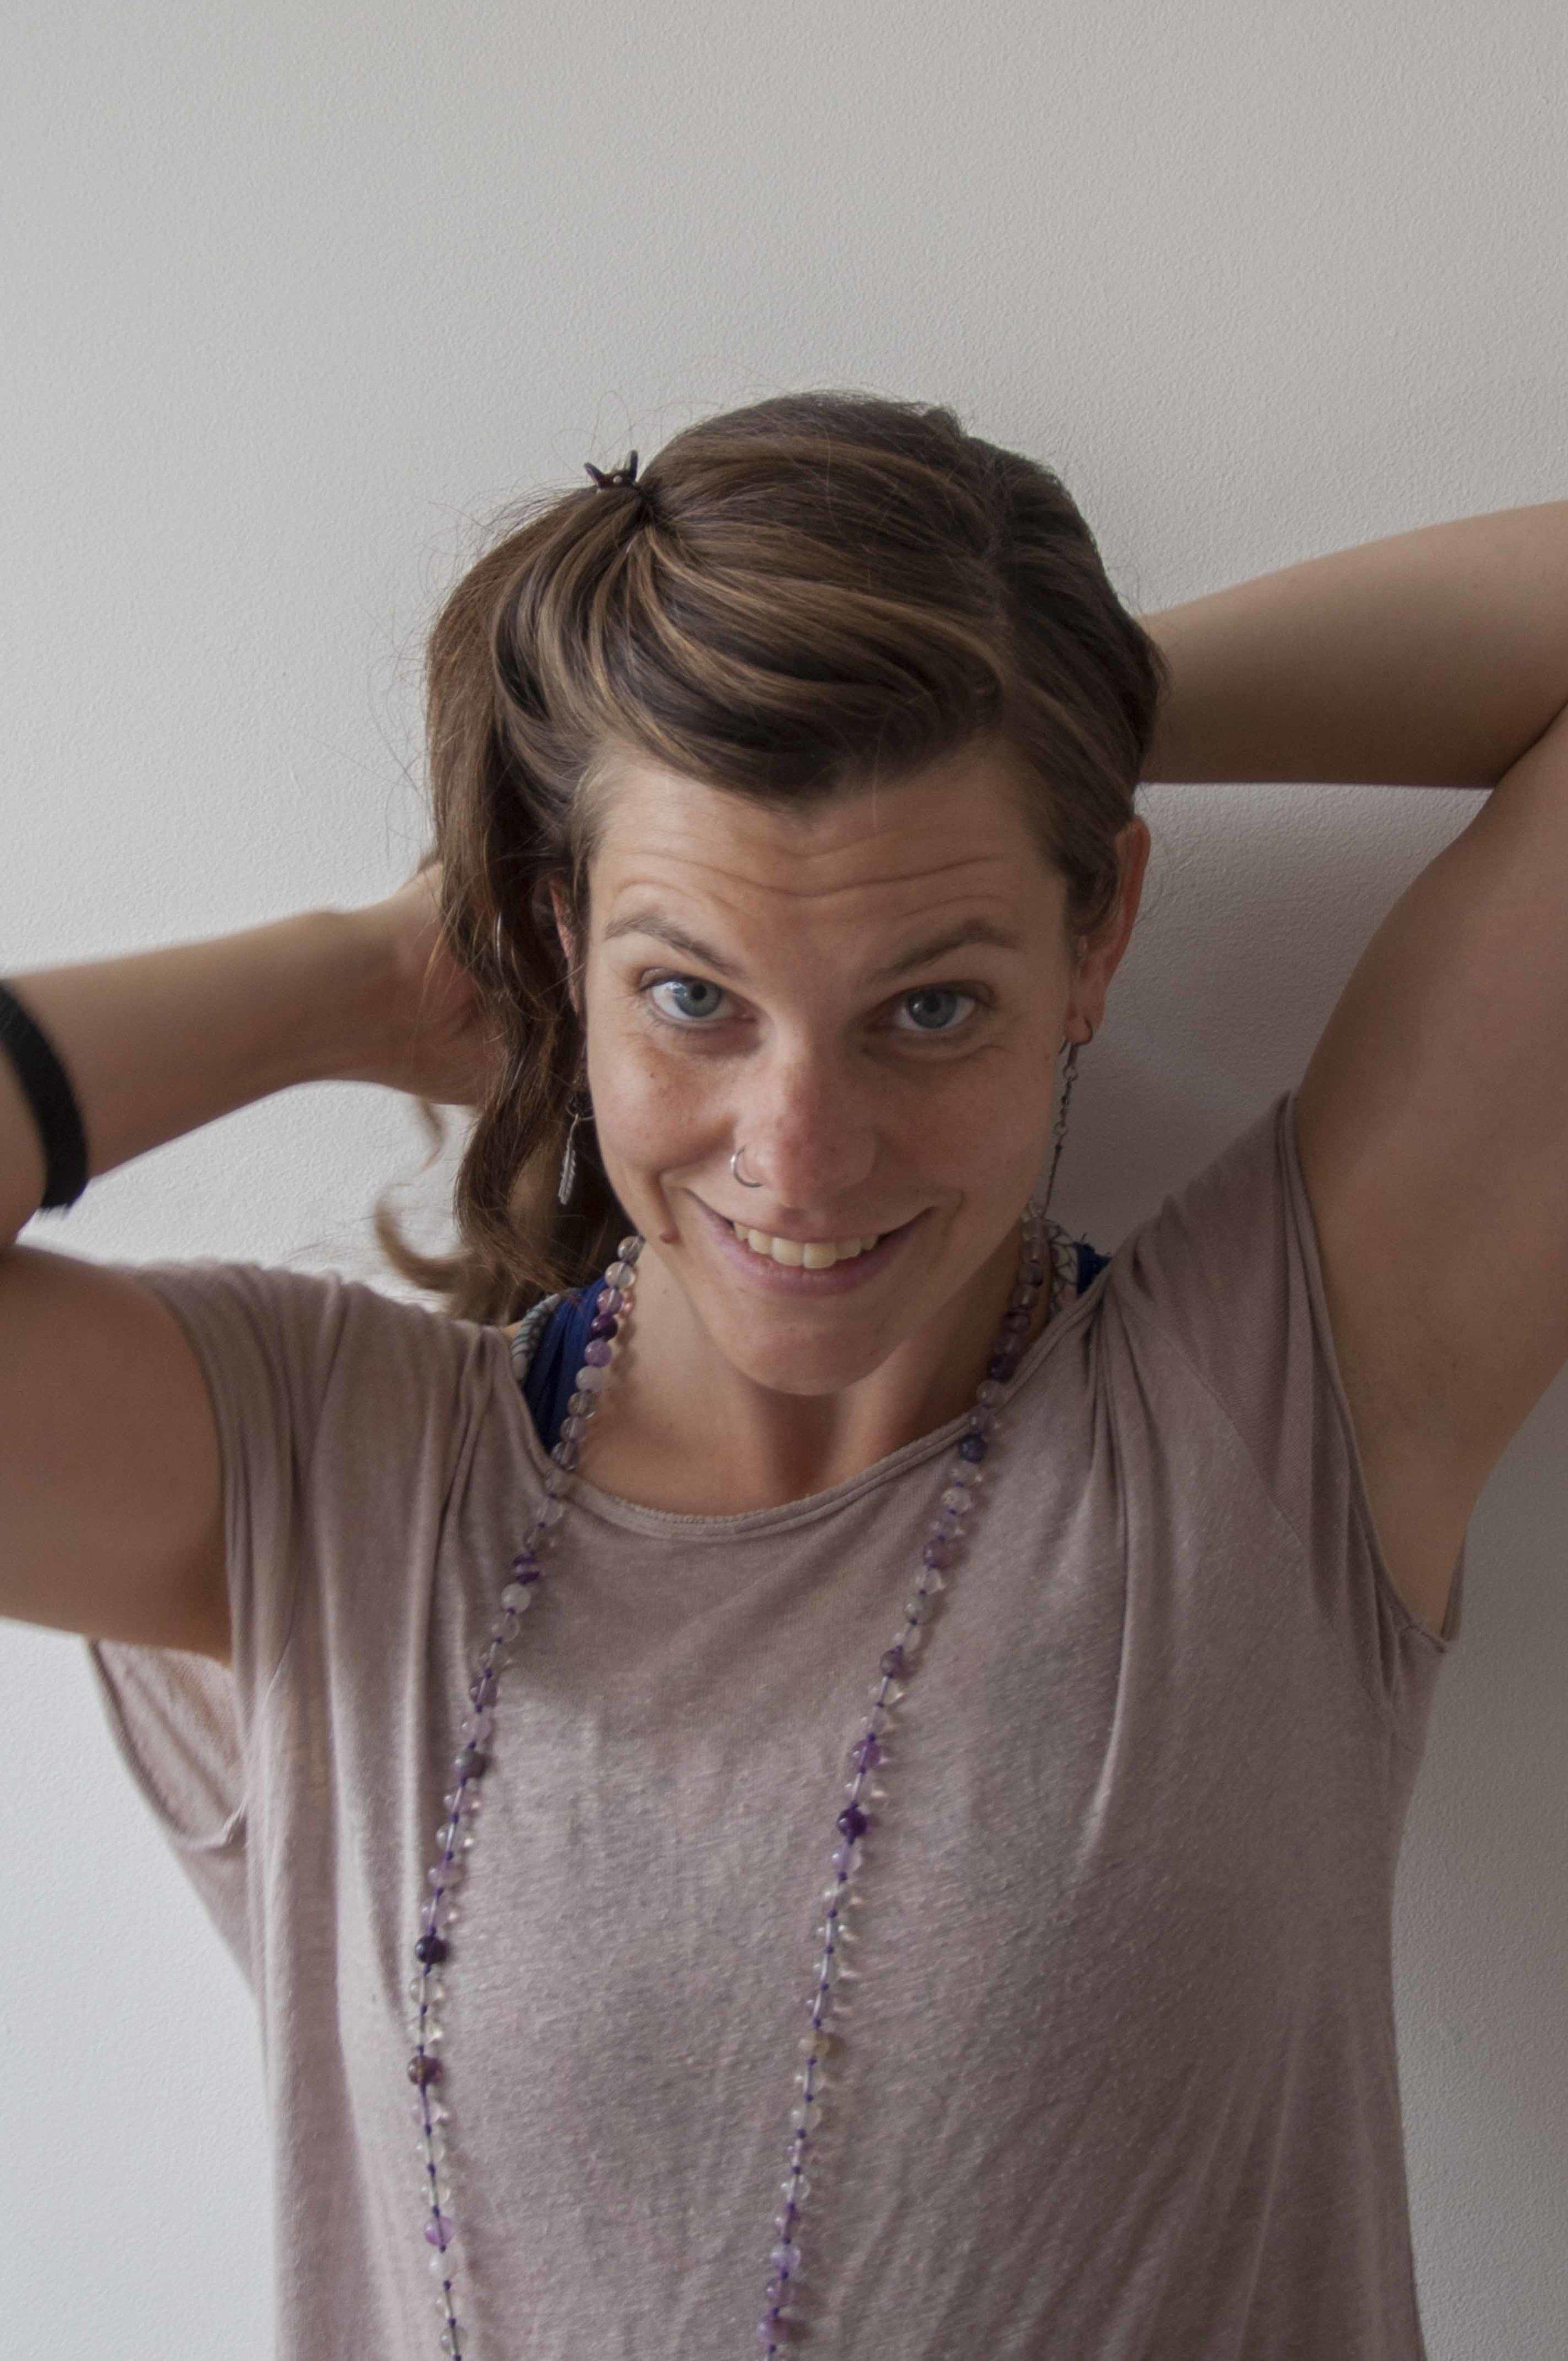 Jorine Janssen   Yoga is als een inwendige massage voor lichaam en geest. Zodoende vormt het een mooie aanvulling op mijn werk als Holistisch Ontspanningsmasseur. Mijn lessen zijn rustig qua opbouw en gericht op het vergroten van lichaamsbewustzijn, ontspanning en geschikt voor beginners. Dankzij mijn achtergrond als masseur kijk ik bij ieder waar de ruimte en mogelijkheden liggen in de houdingen, door het geven van op jouw lichaam afgestemde instructies en milde aanpassingen waar nodig.  Mijn ontdekkingsreis met yoga begon toen ik na zes jaar te hebben gewerkt als docent in het HBO Kunstonderwijs, het roer besloot om te gooien. Mijn lijf sprak duidelijke taal: het is tijd om naar binnen te luisteren in plaats van te voldoen aan eisen van buitenaf. Ik ontdekte dat Yoga met gaf wat ik nodig had. Het brengt lichaam en geest terug in balans met de mat als eerlijkste spiegel en leert de weg van de minste weerstand te volgen.